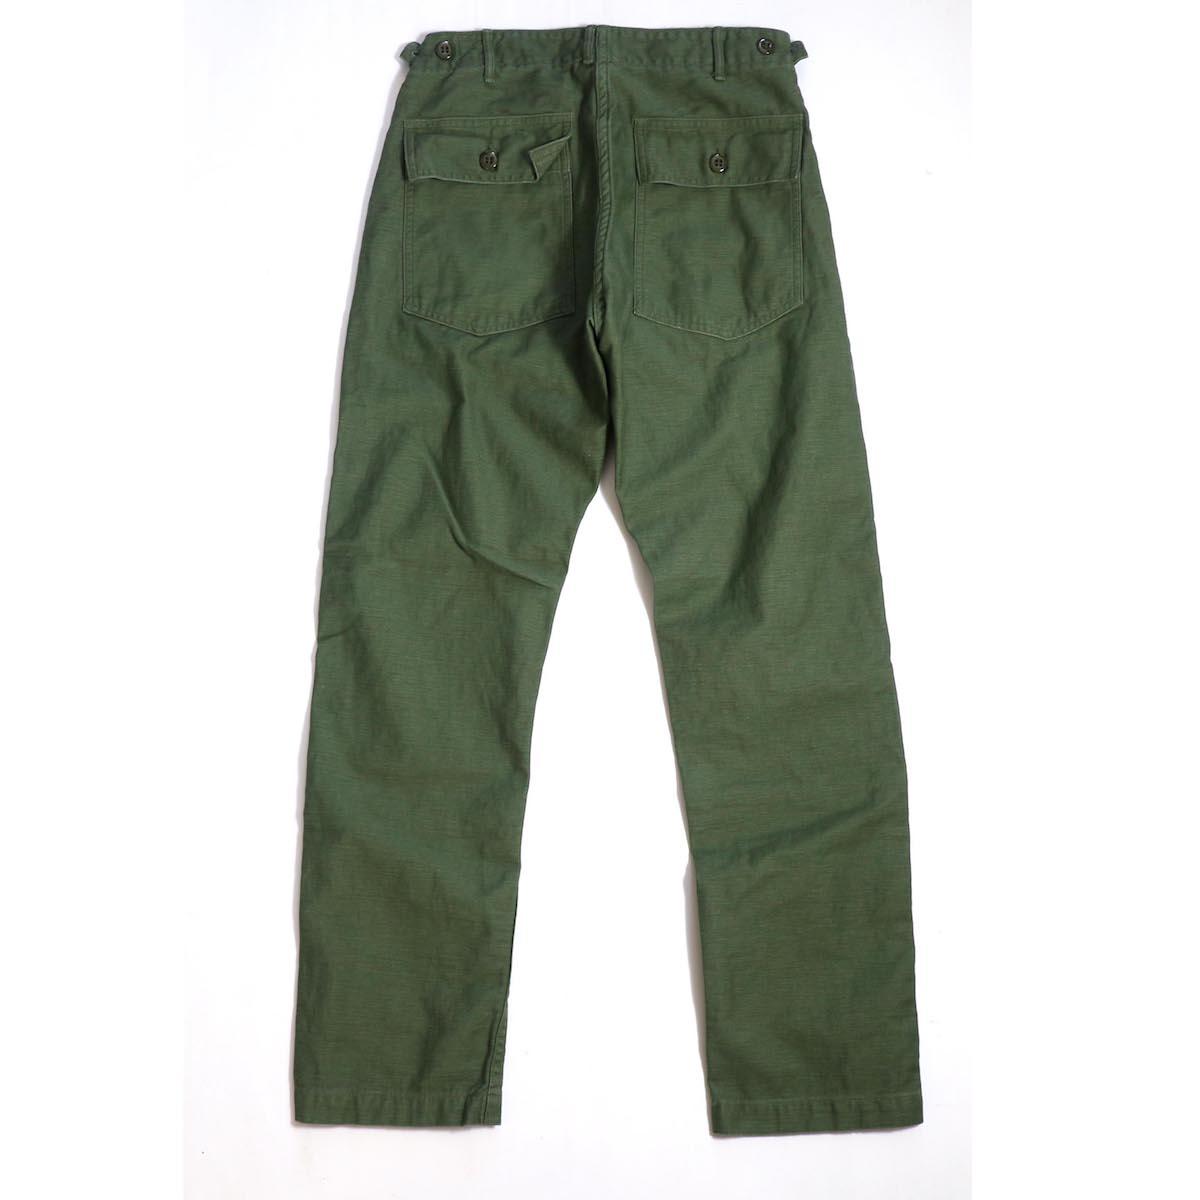 orSlow / SLIM FIT FATIGUE PANTS 背面